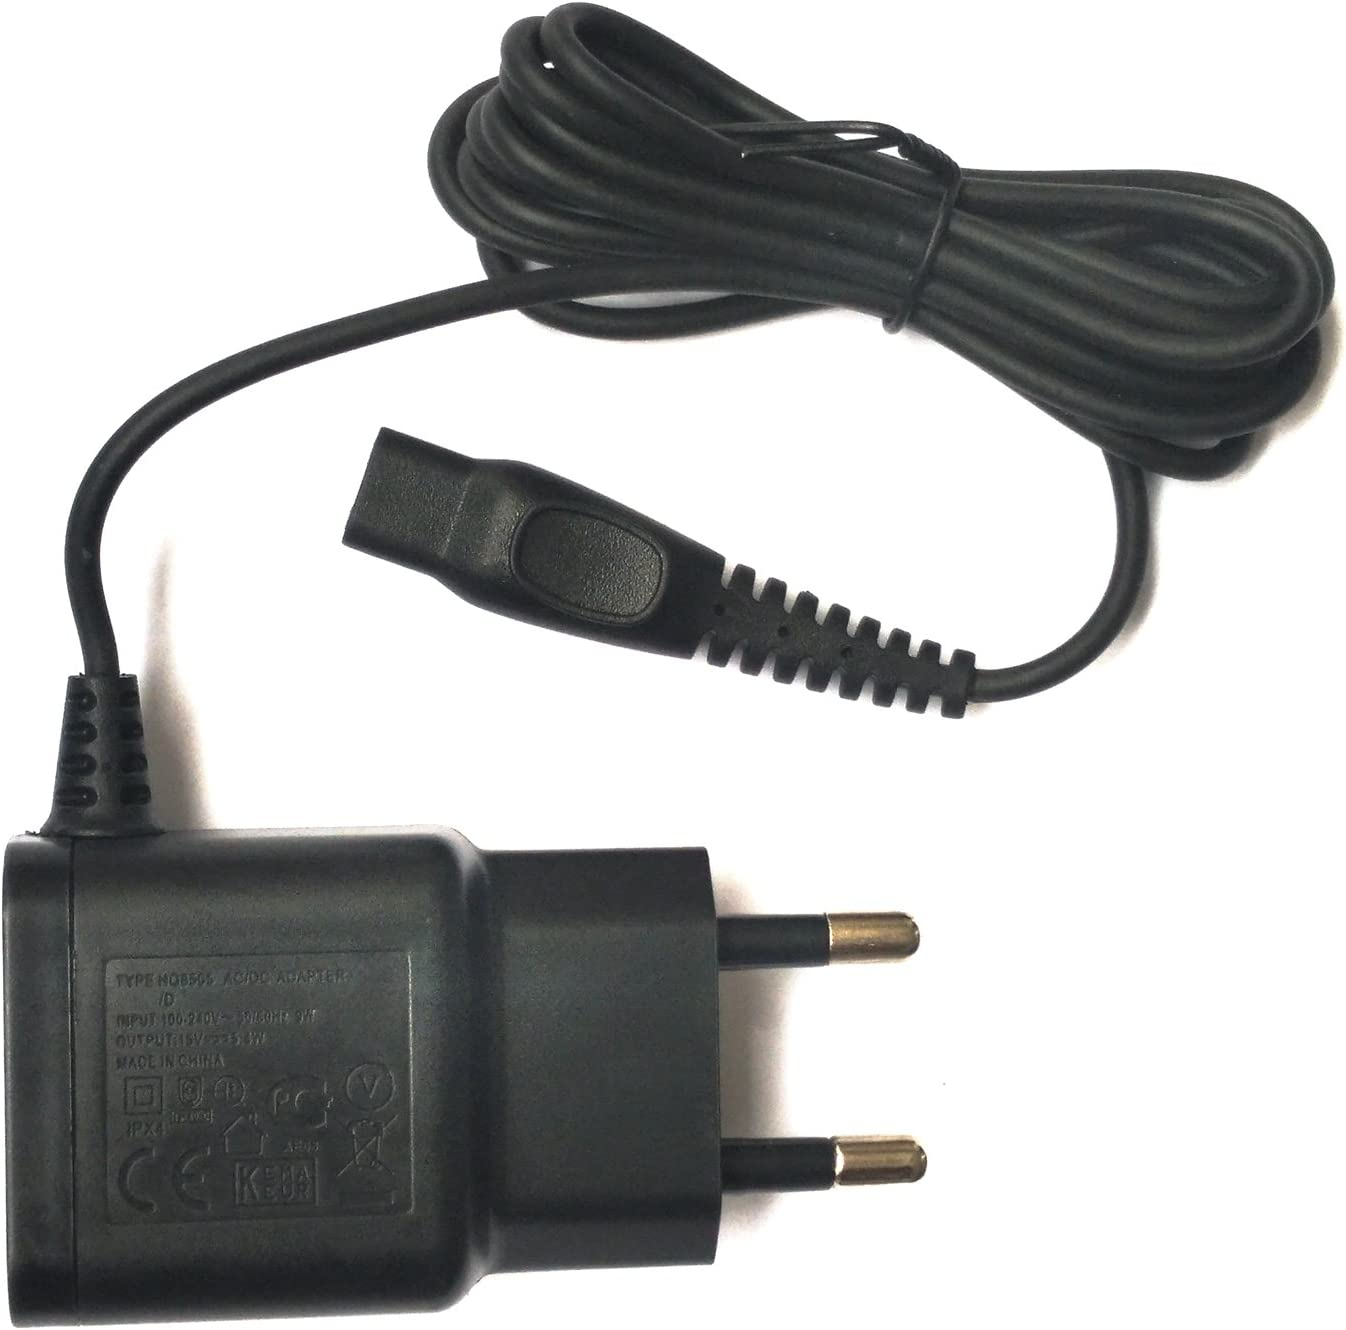 15 V, 5,4 W UE Adaptador de afeitar HQ8505 HQ8500 Cargador Adaptador de CA para Philips Norelco Shaver hq6076 PT860: Amazon.es: Electrónica